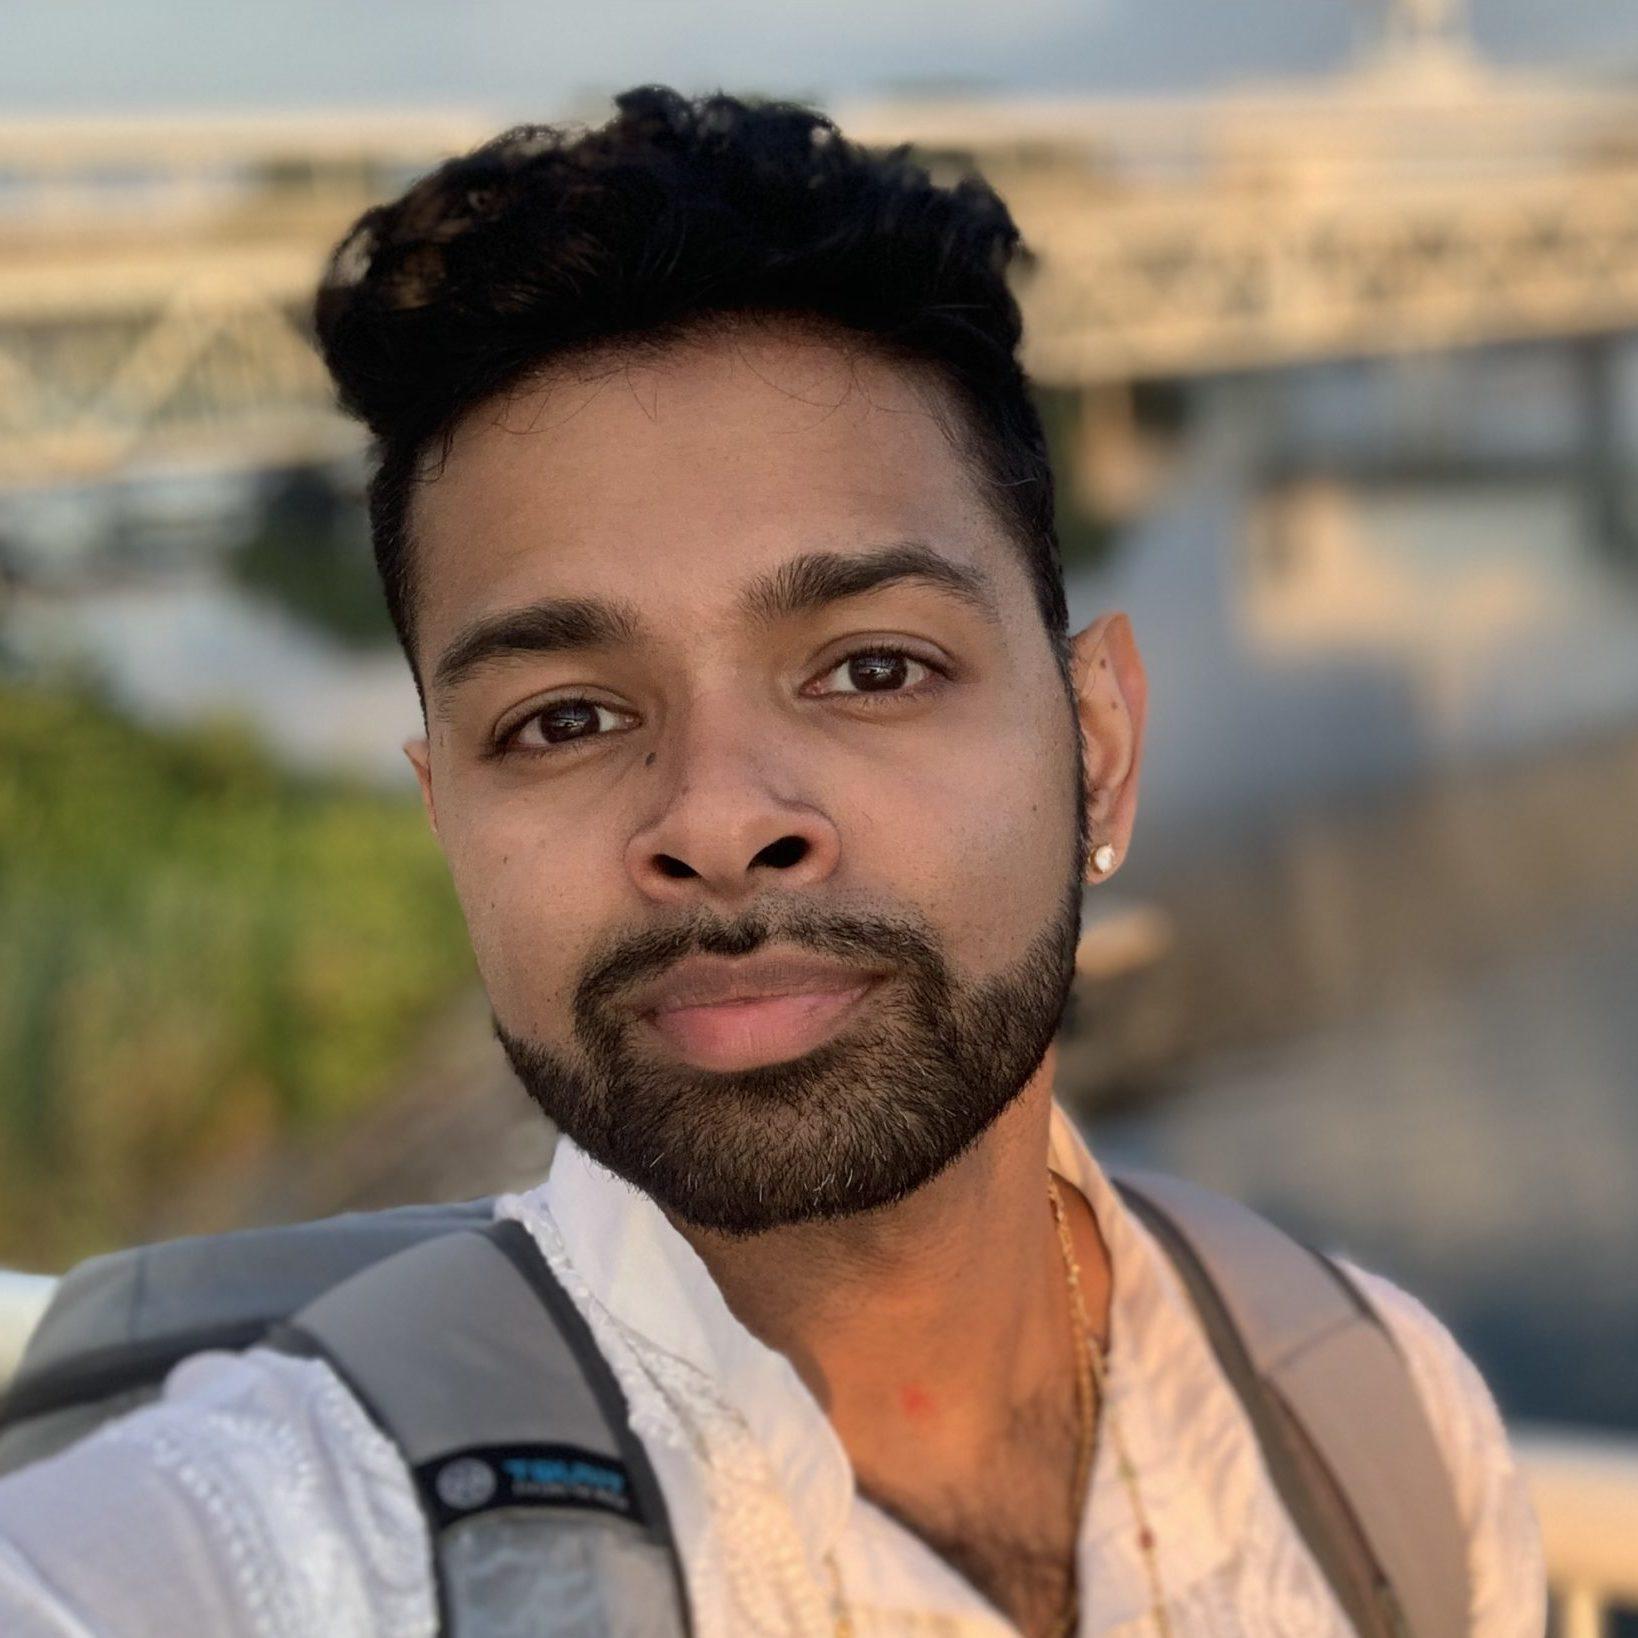 vijay saravanamuthu headshot